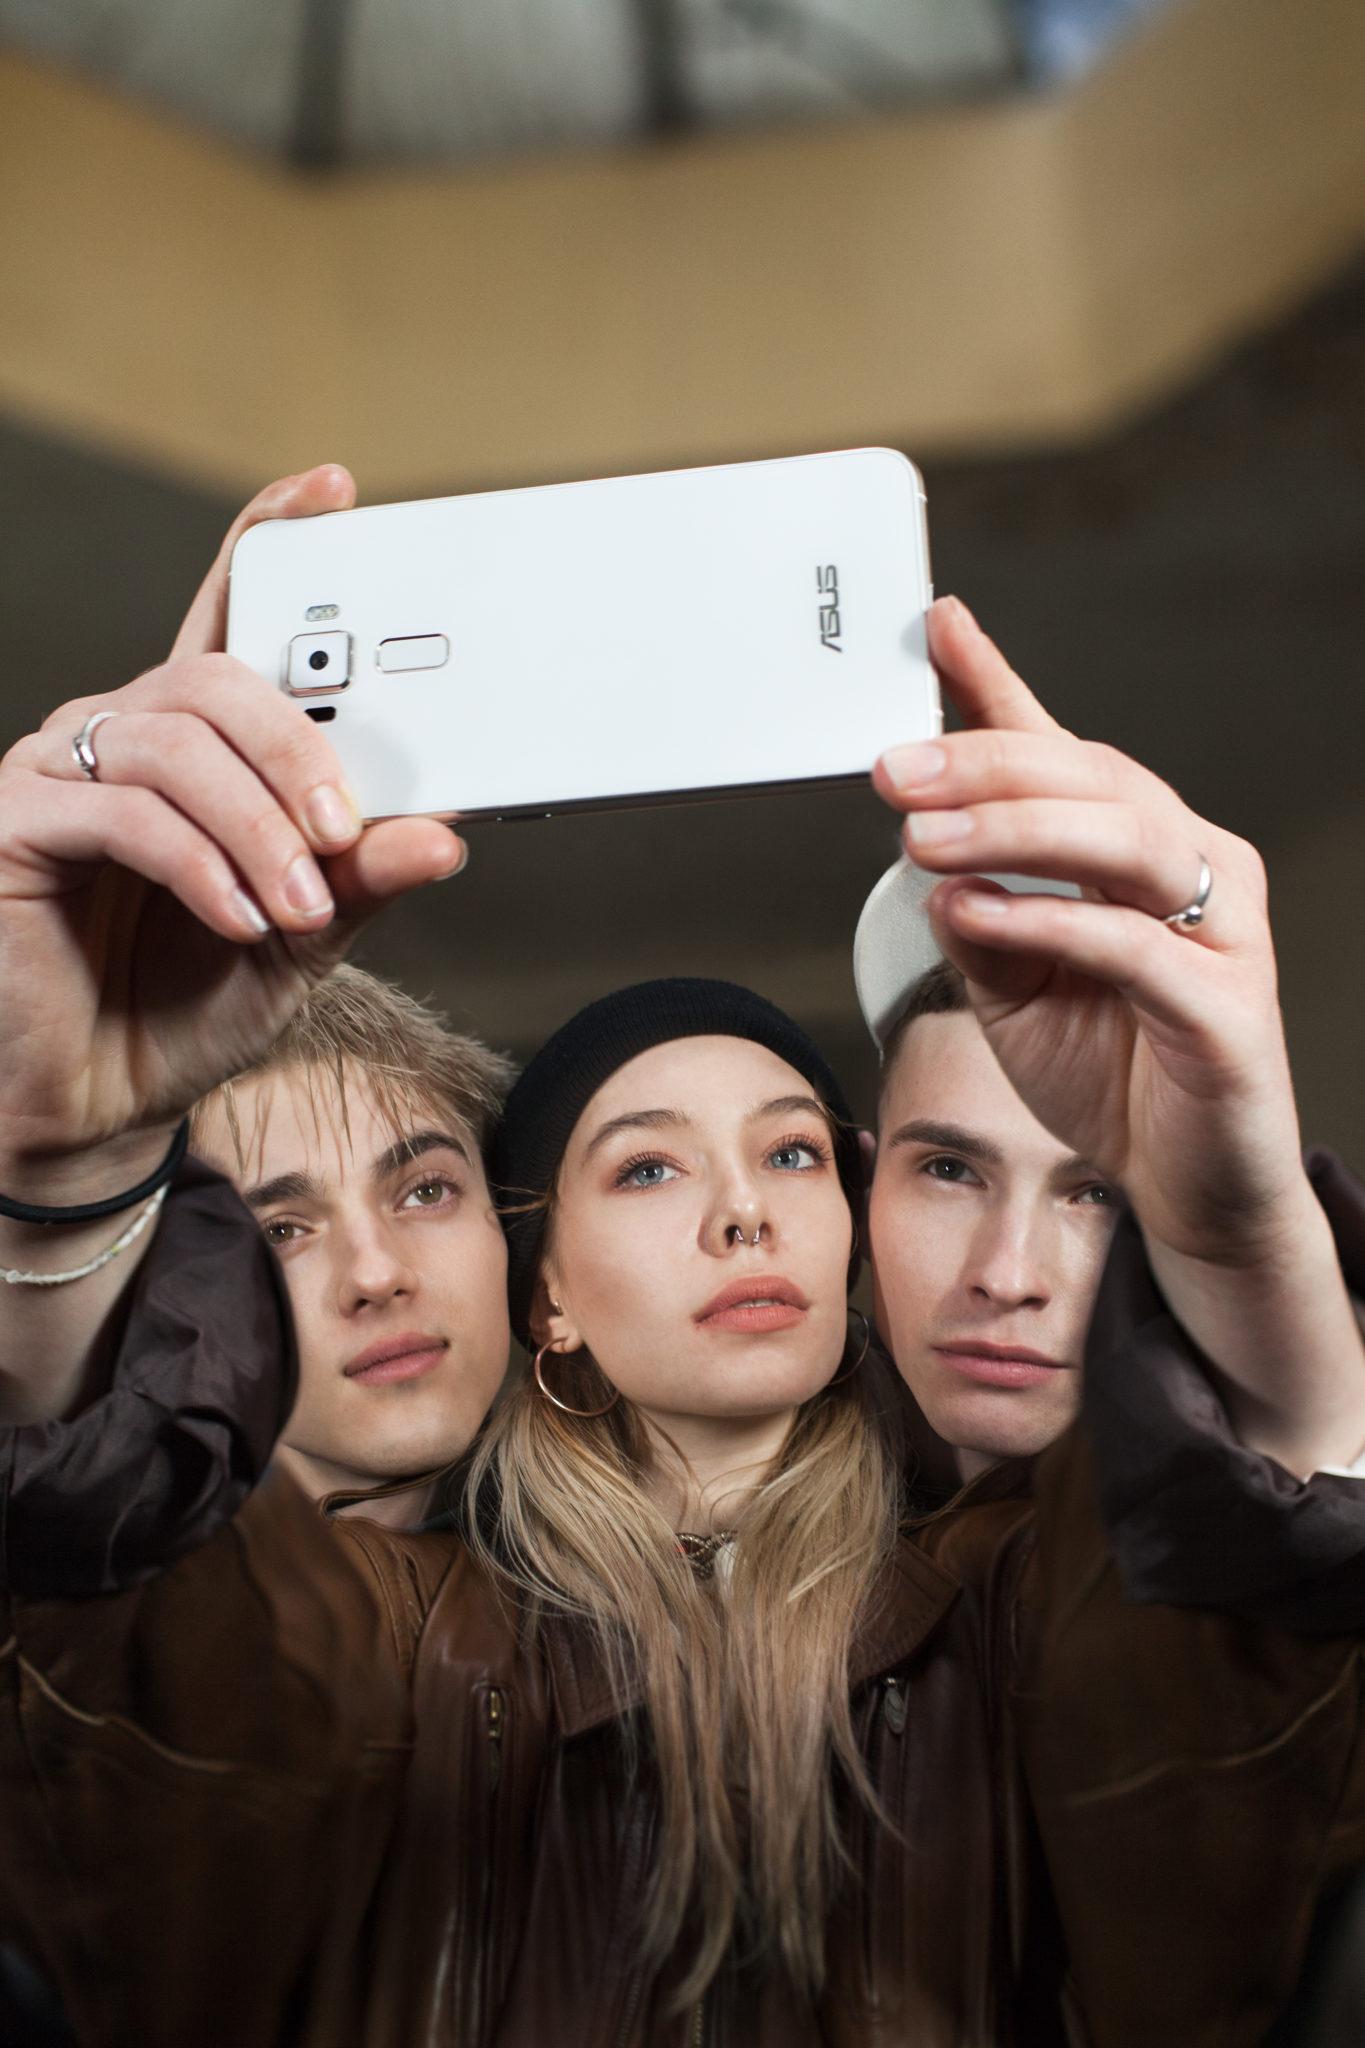 Dwoch chłopaków i dziewczyna robią sobie selfie białym smartfonem